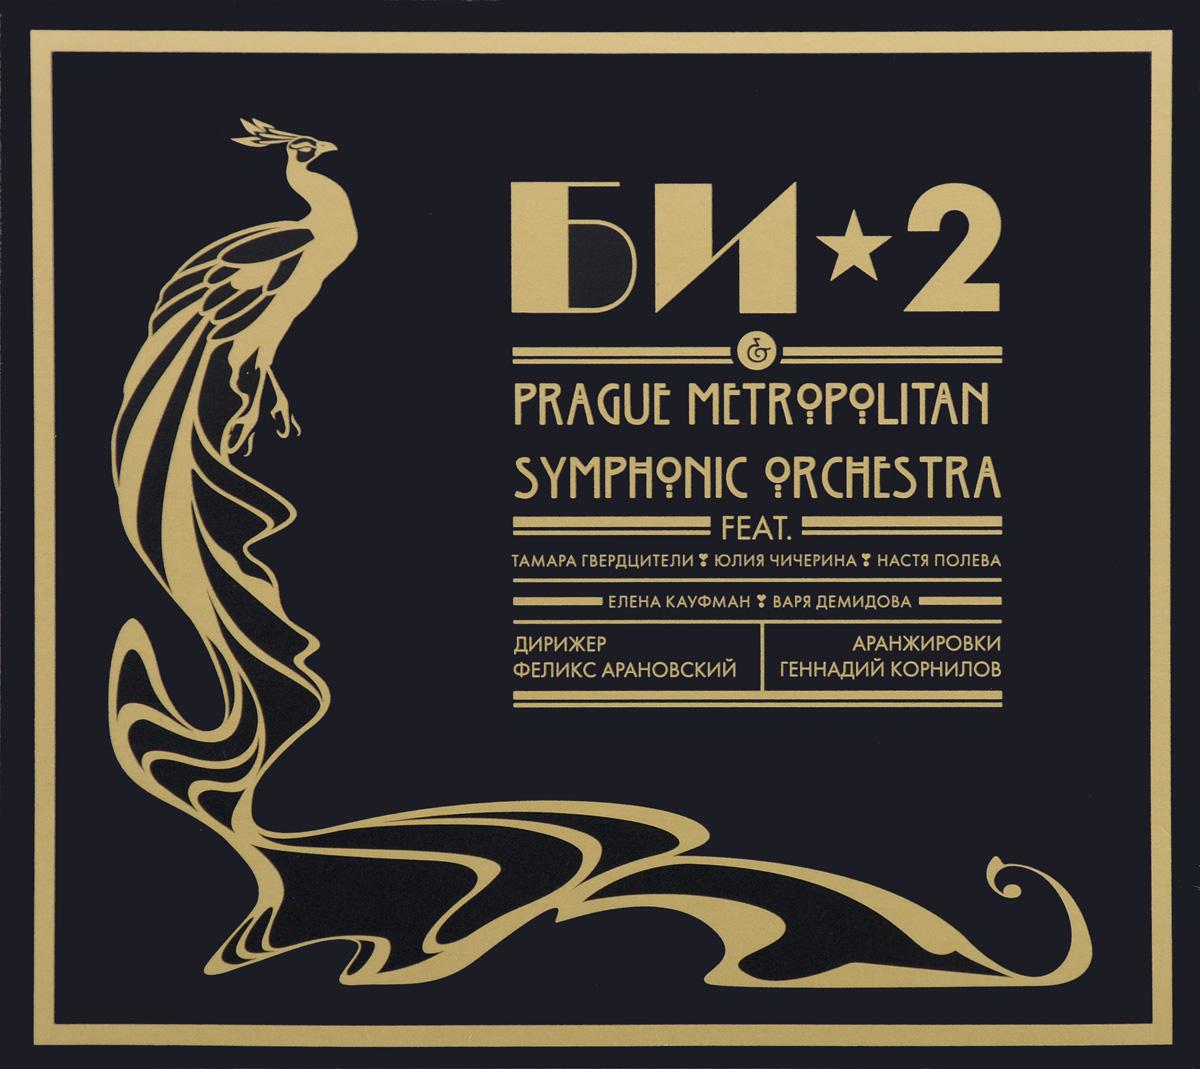 Би-2,Пражский симфонический оркестр Би-2 & Prague Metropolitan Symphonic Orchestra